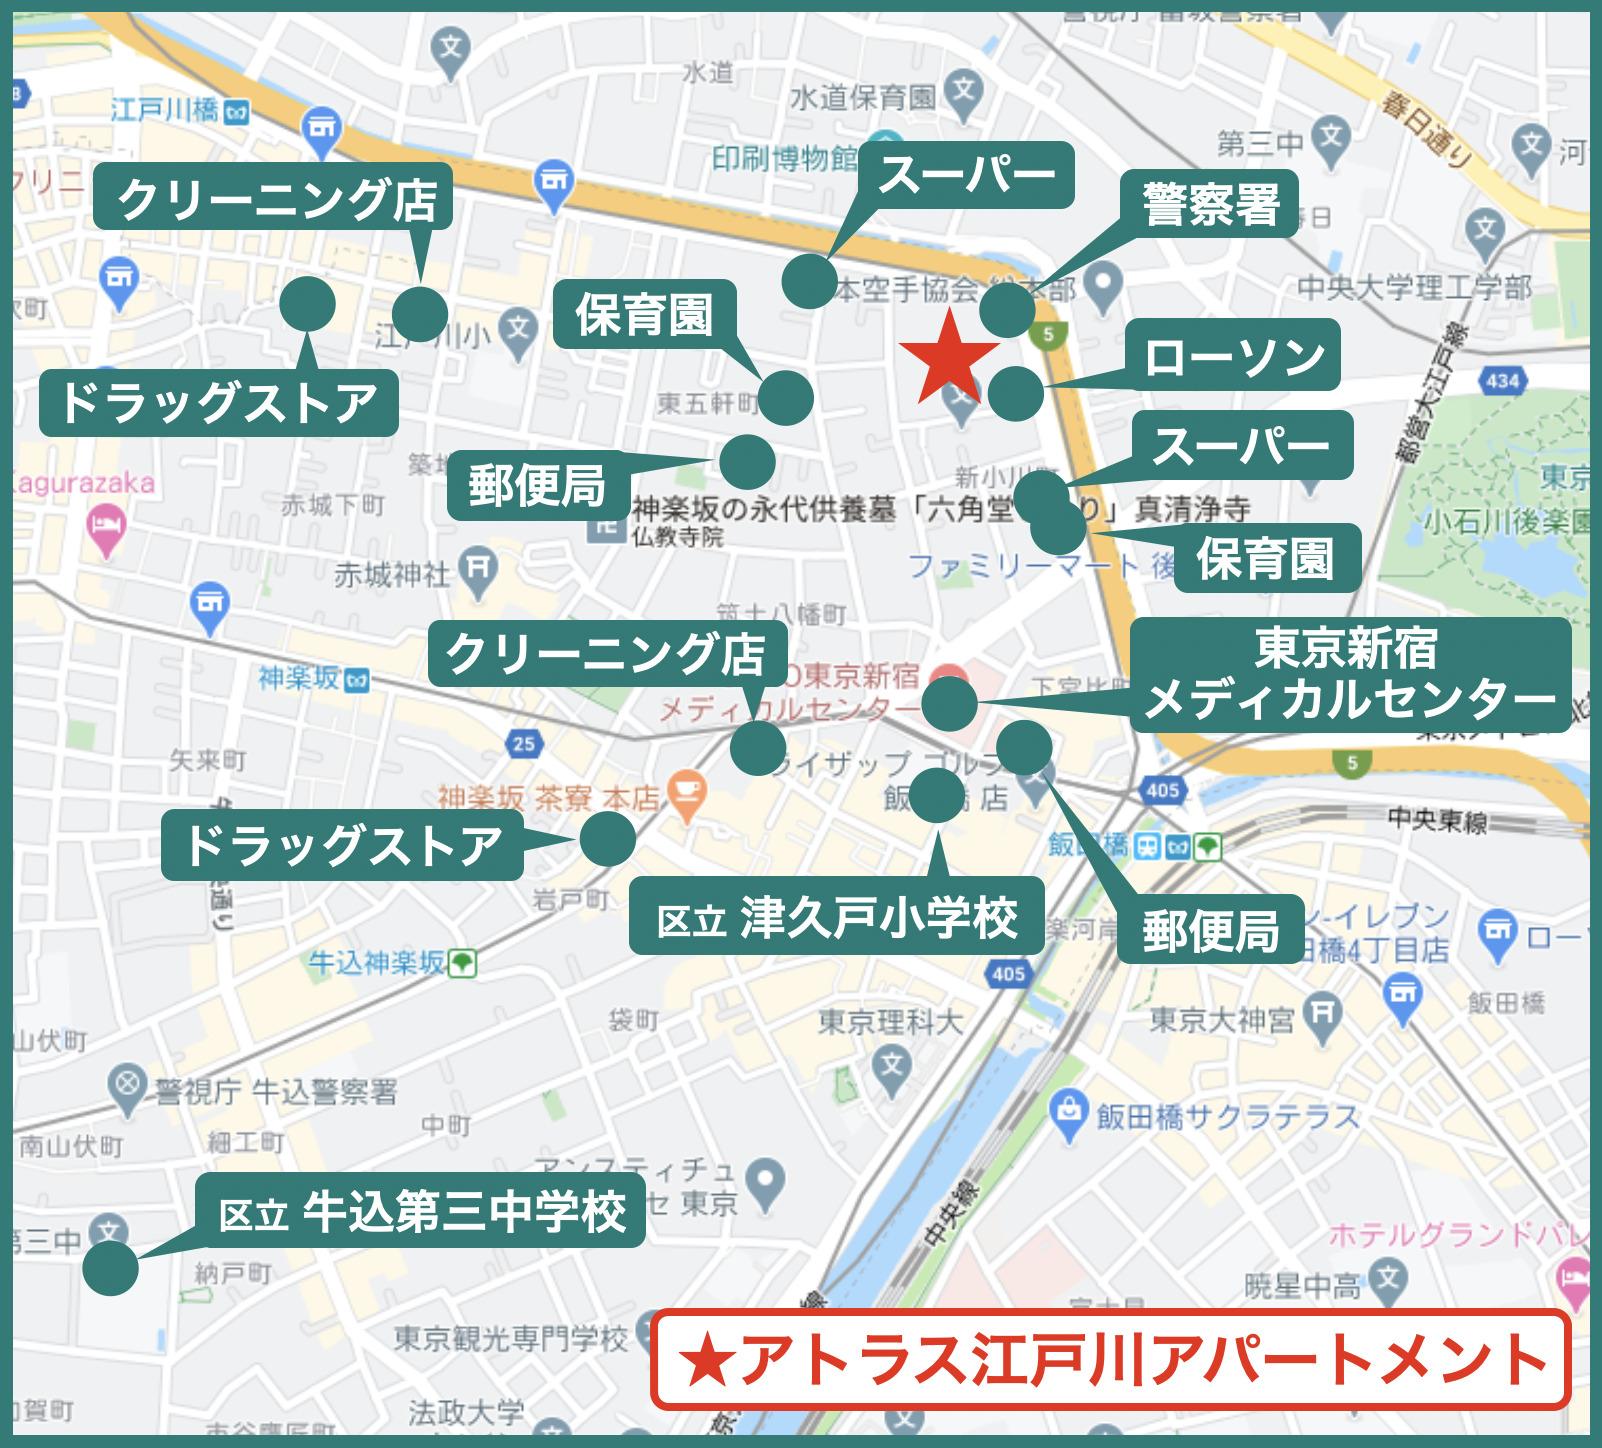 アトラス江戸川アパートメントの周辺施設